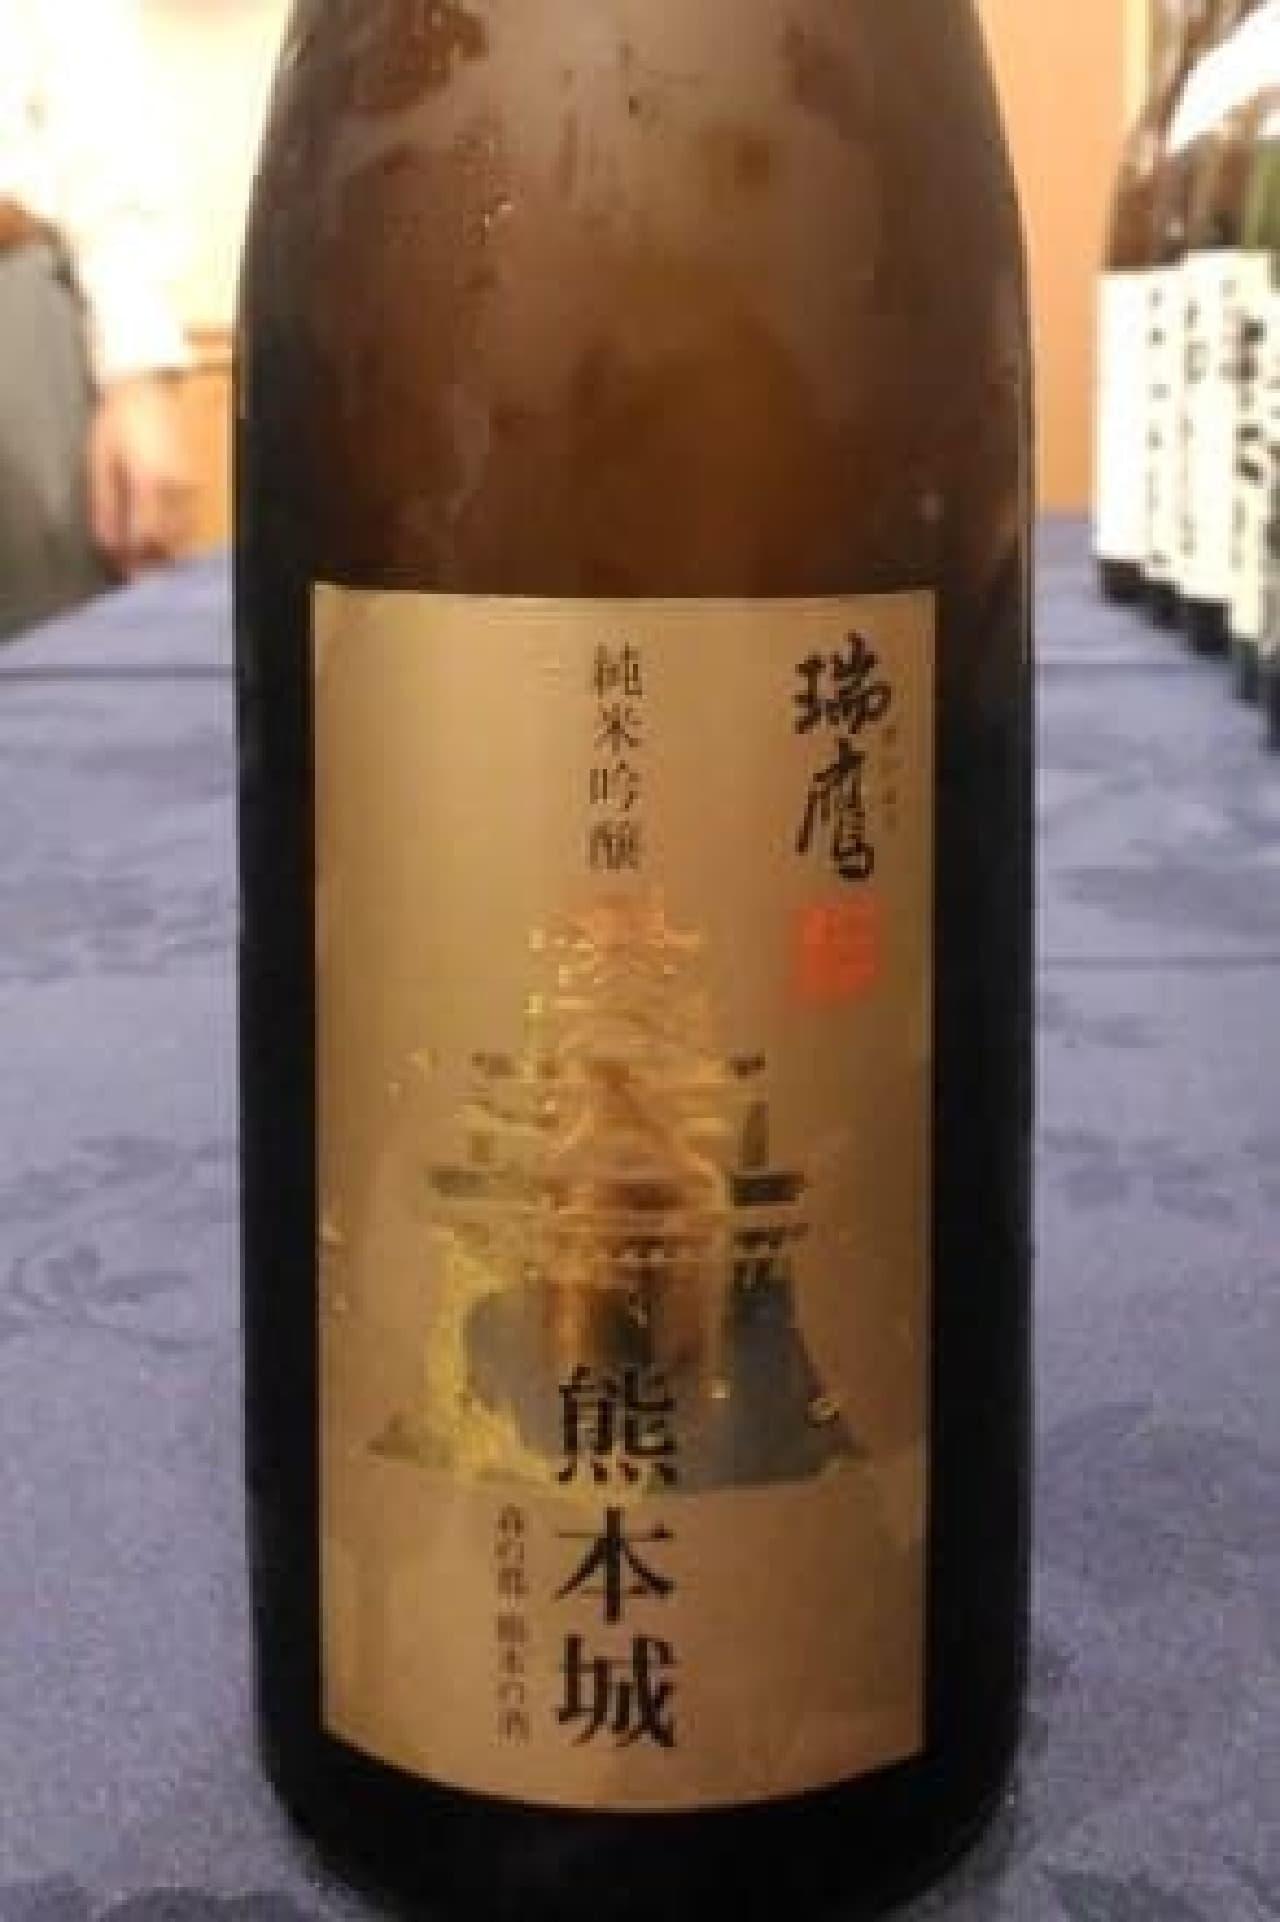 瑞鷹「純米吟醸 熊本城」旧バージョン